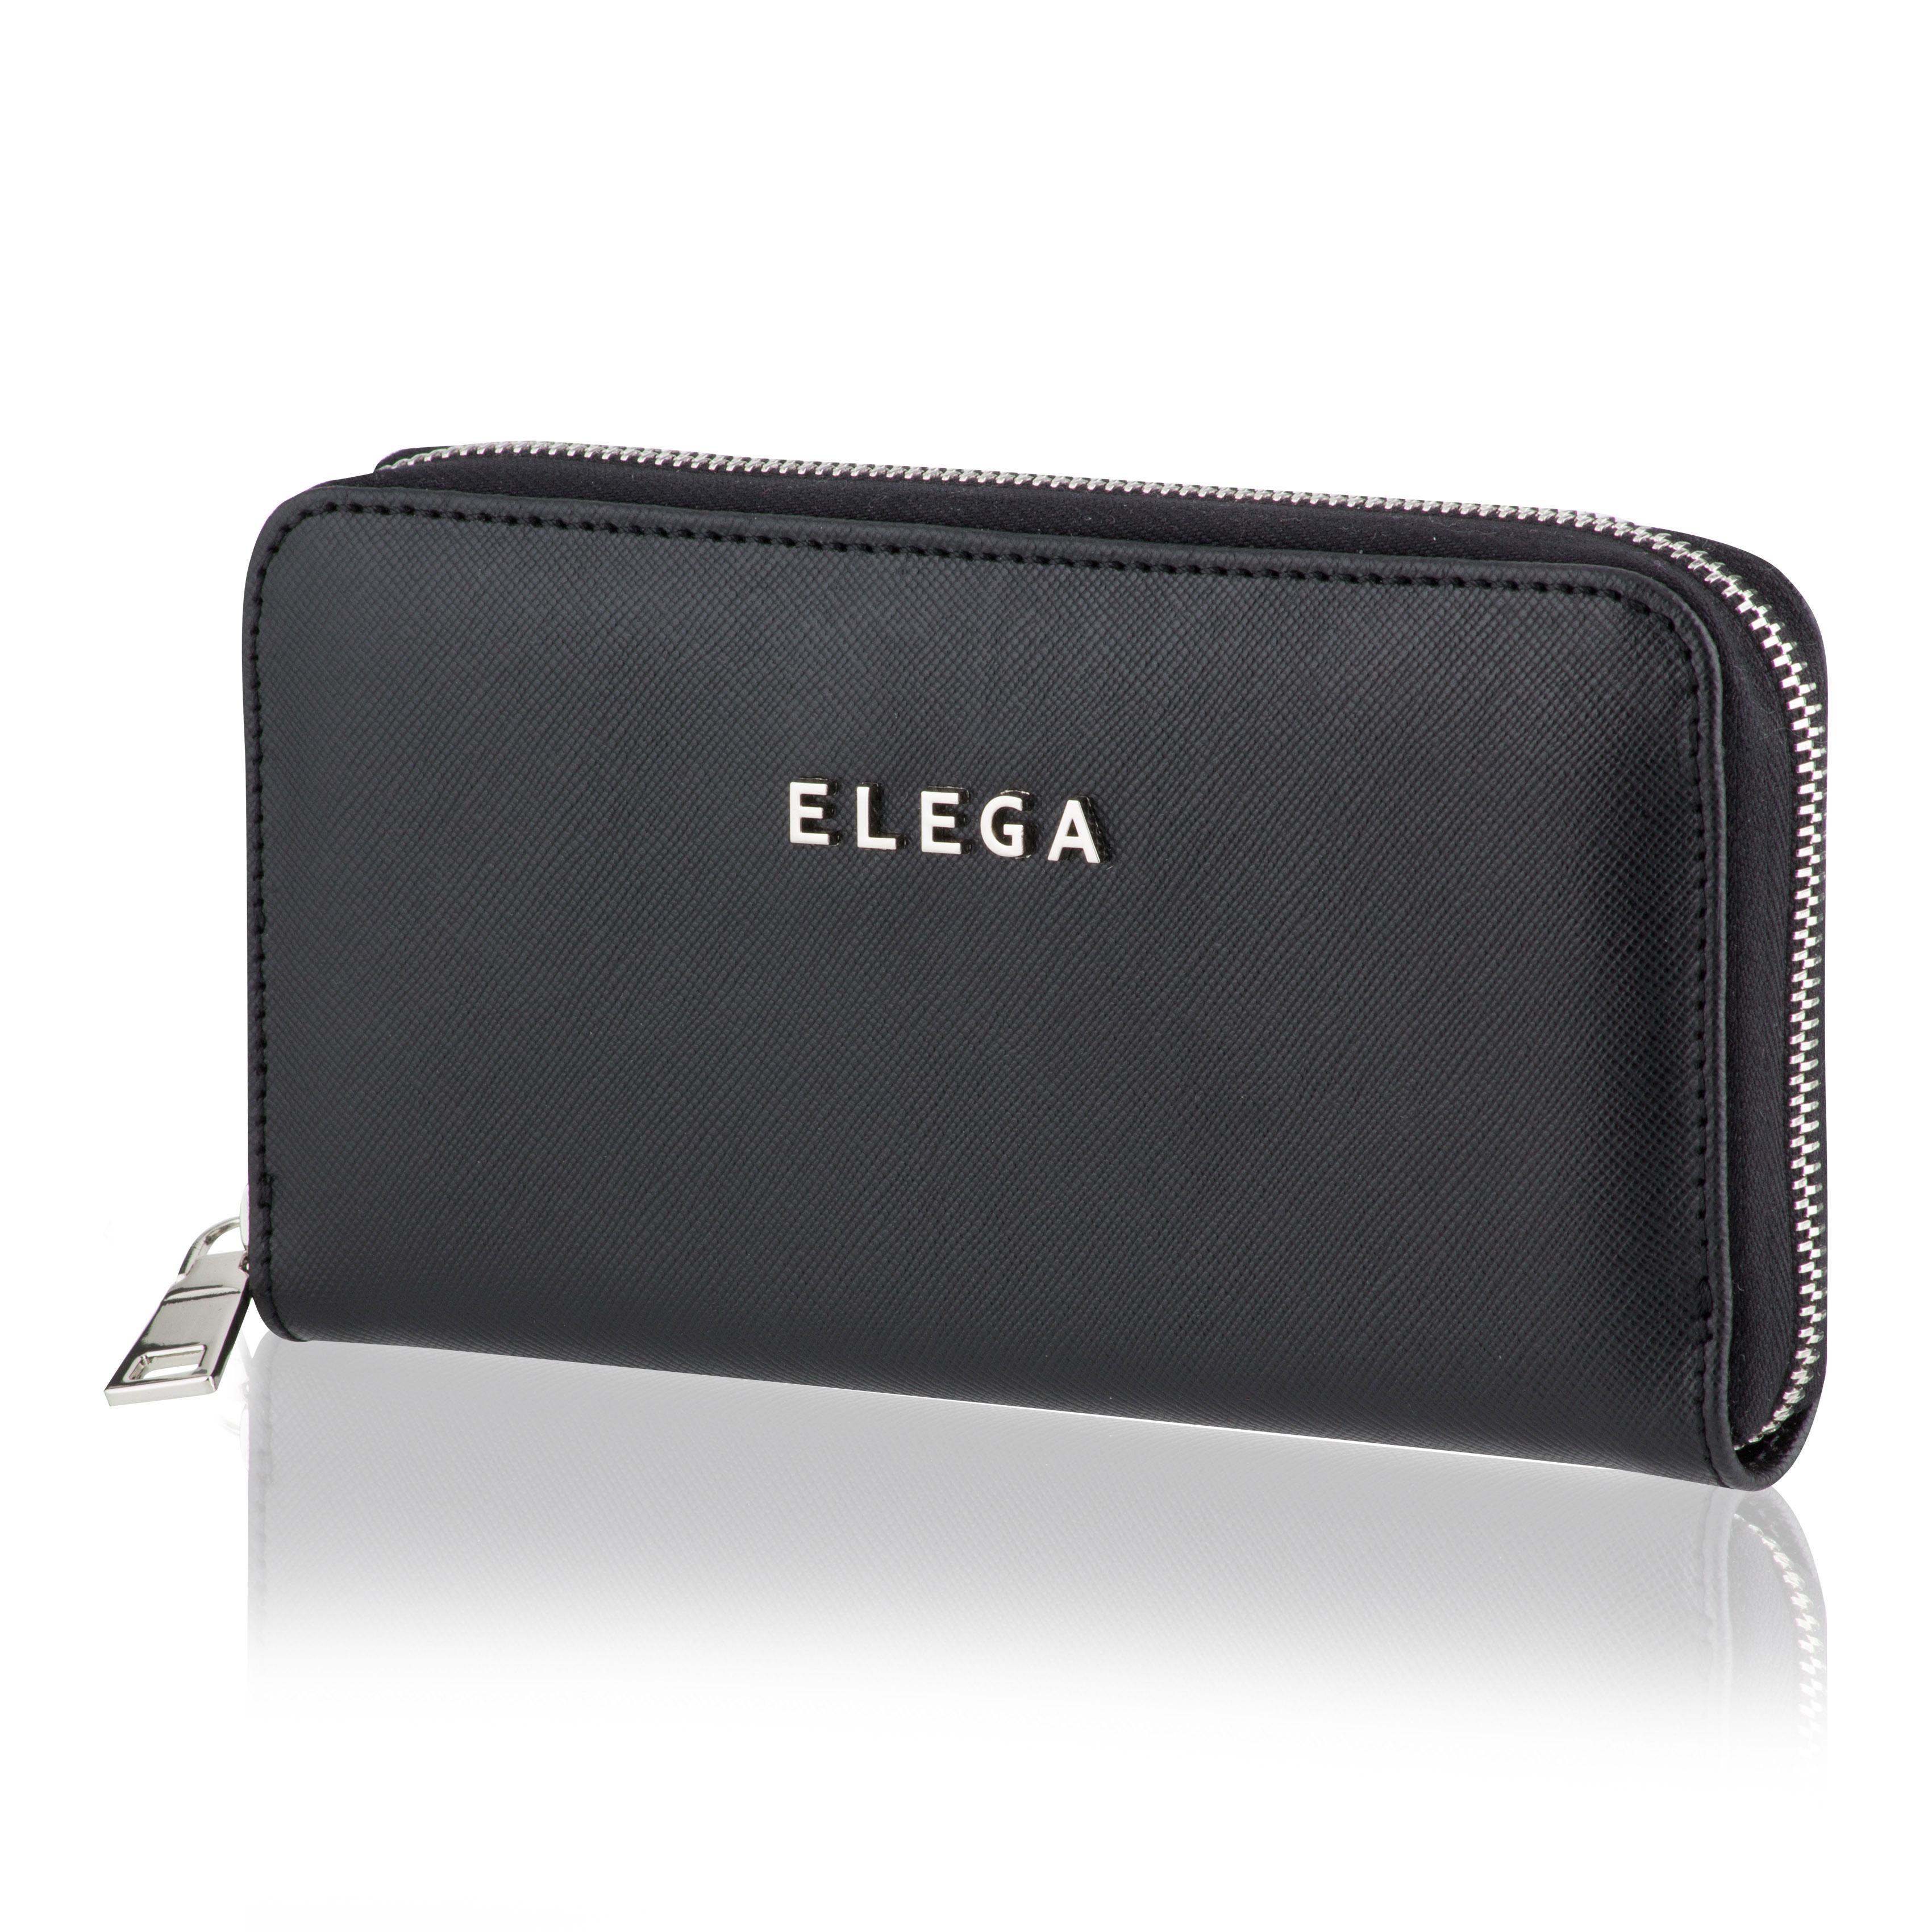 Dámská peněženka ELEGA Samara Saffiano černá se stříbrným kováním